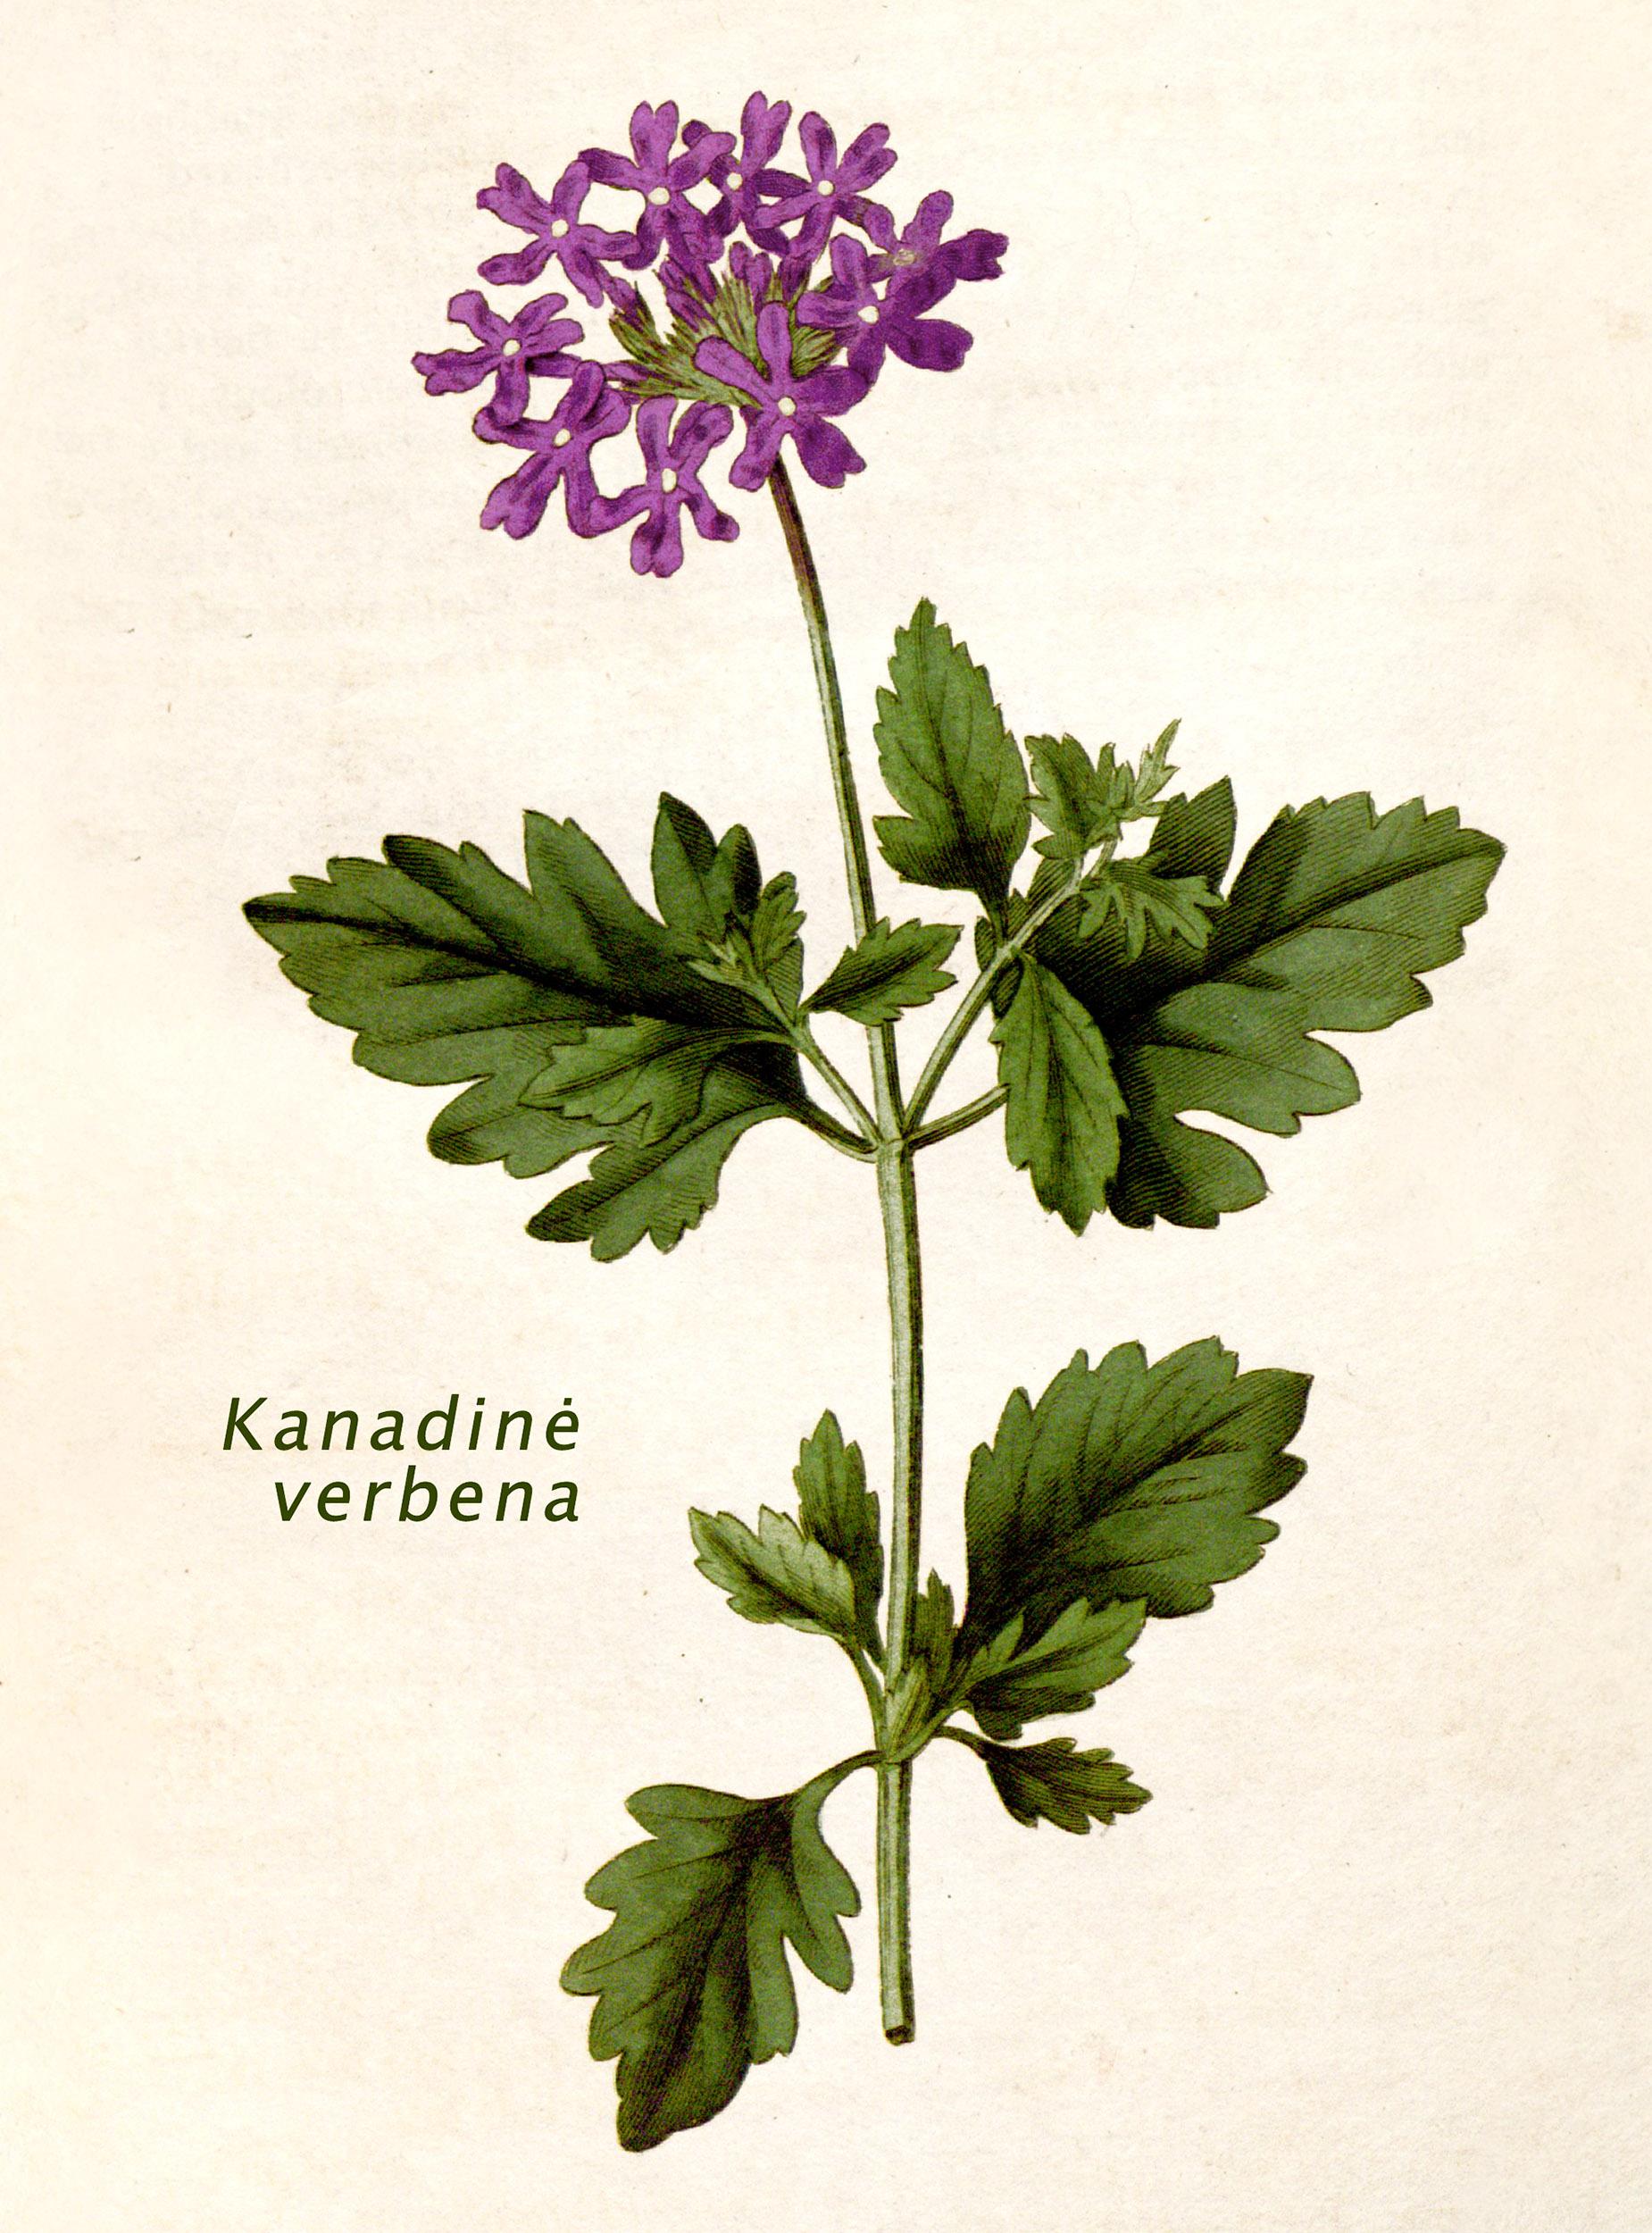 Kanadinė verbena botanikoje